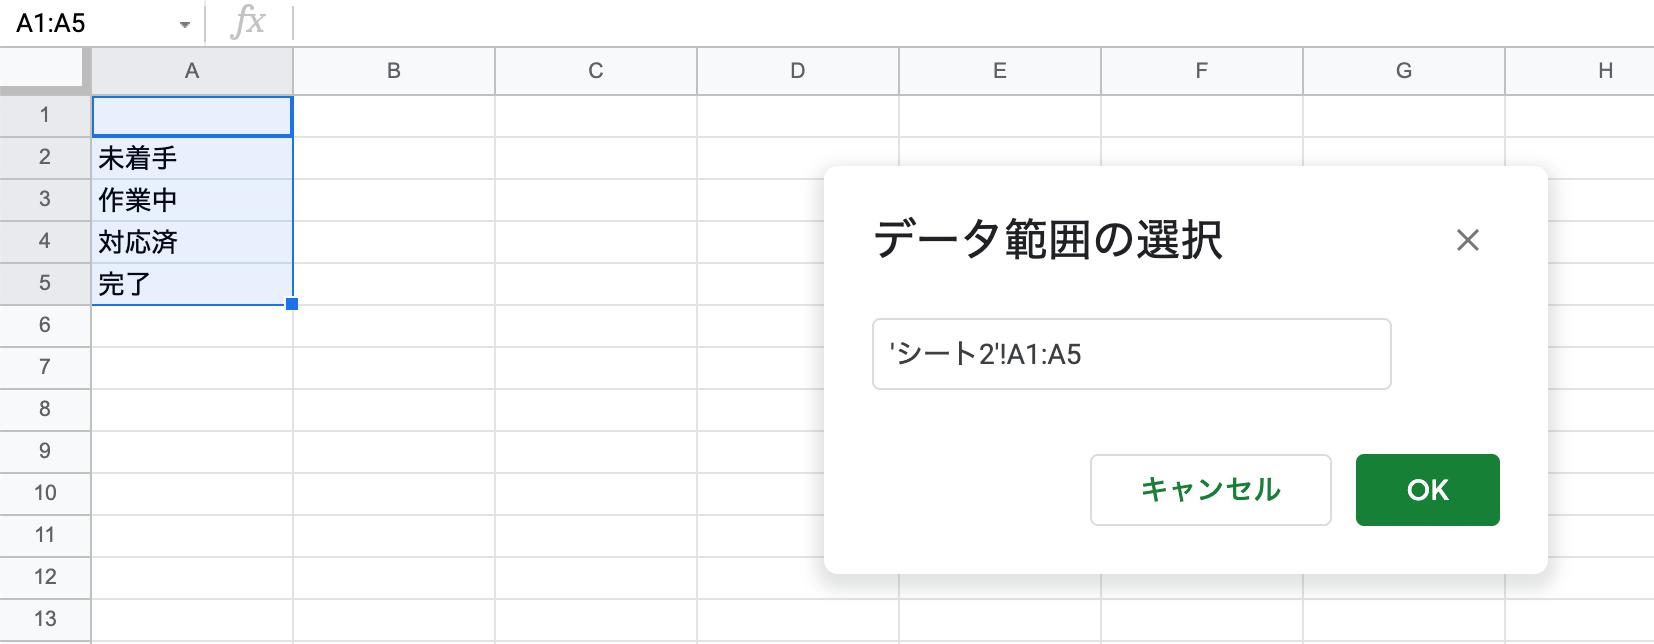 データの範囲を指定